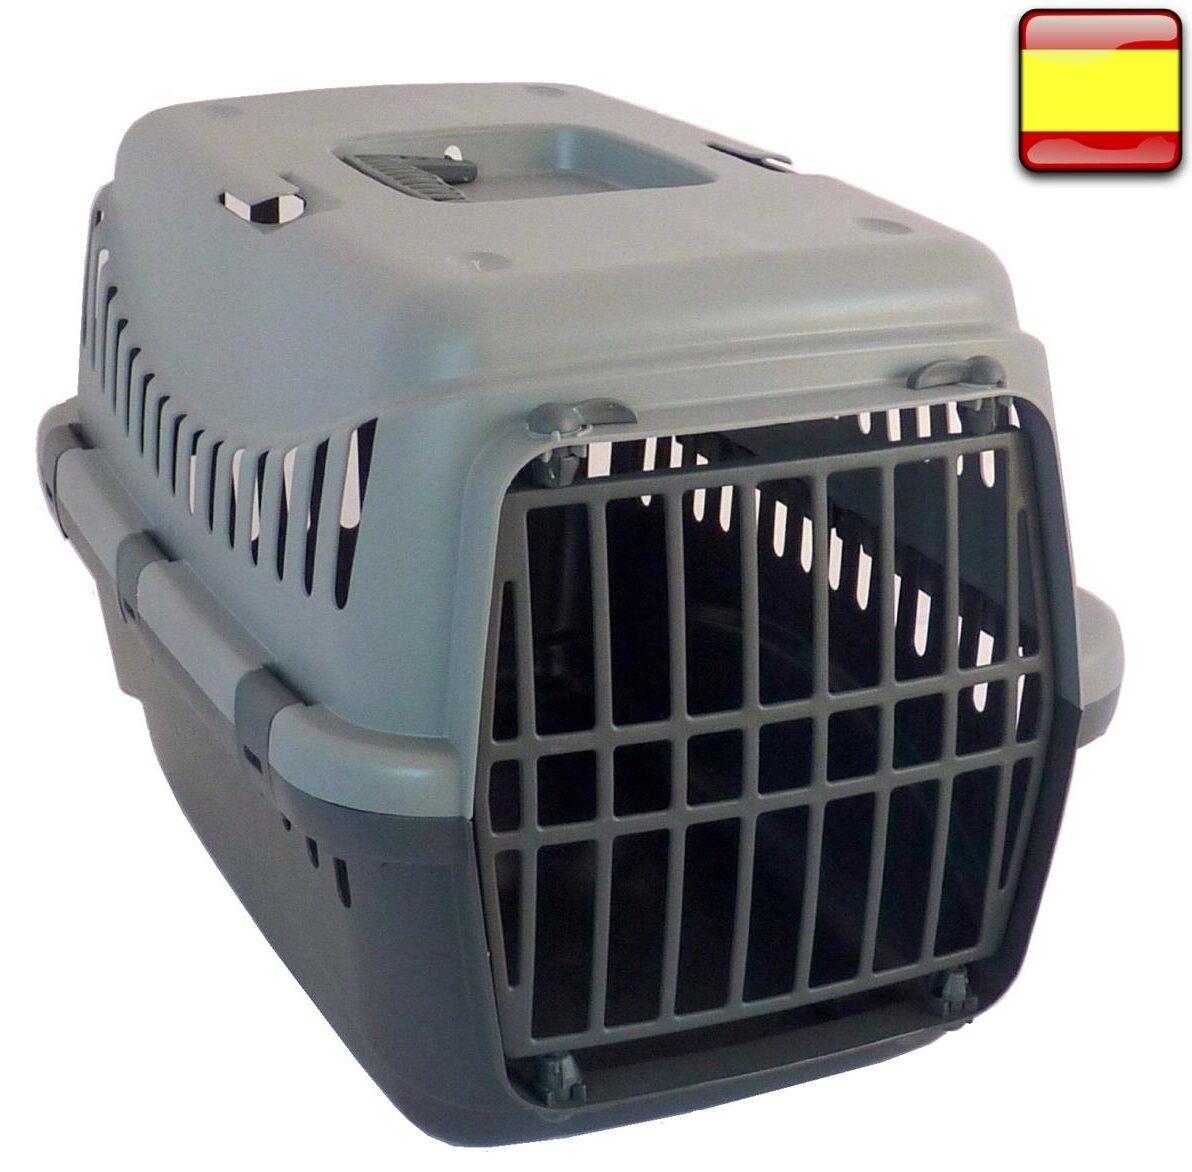 Transportin para peros gatos mascotas ideal para coches hecho en europa